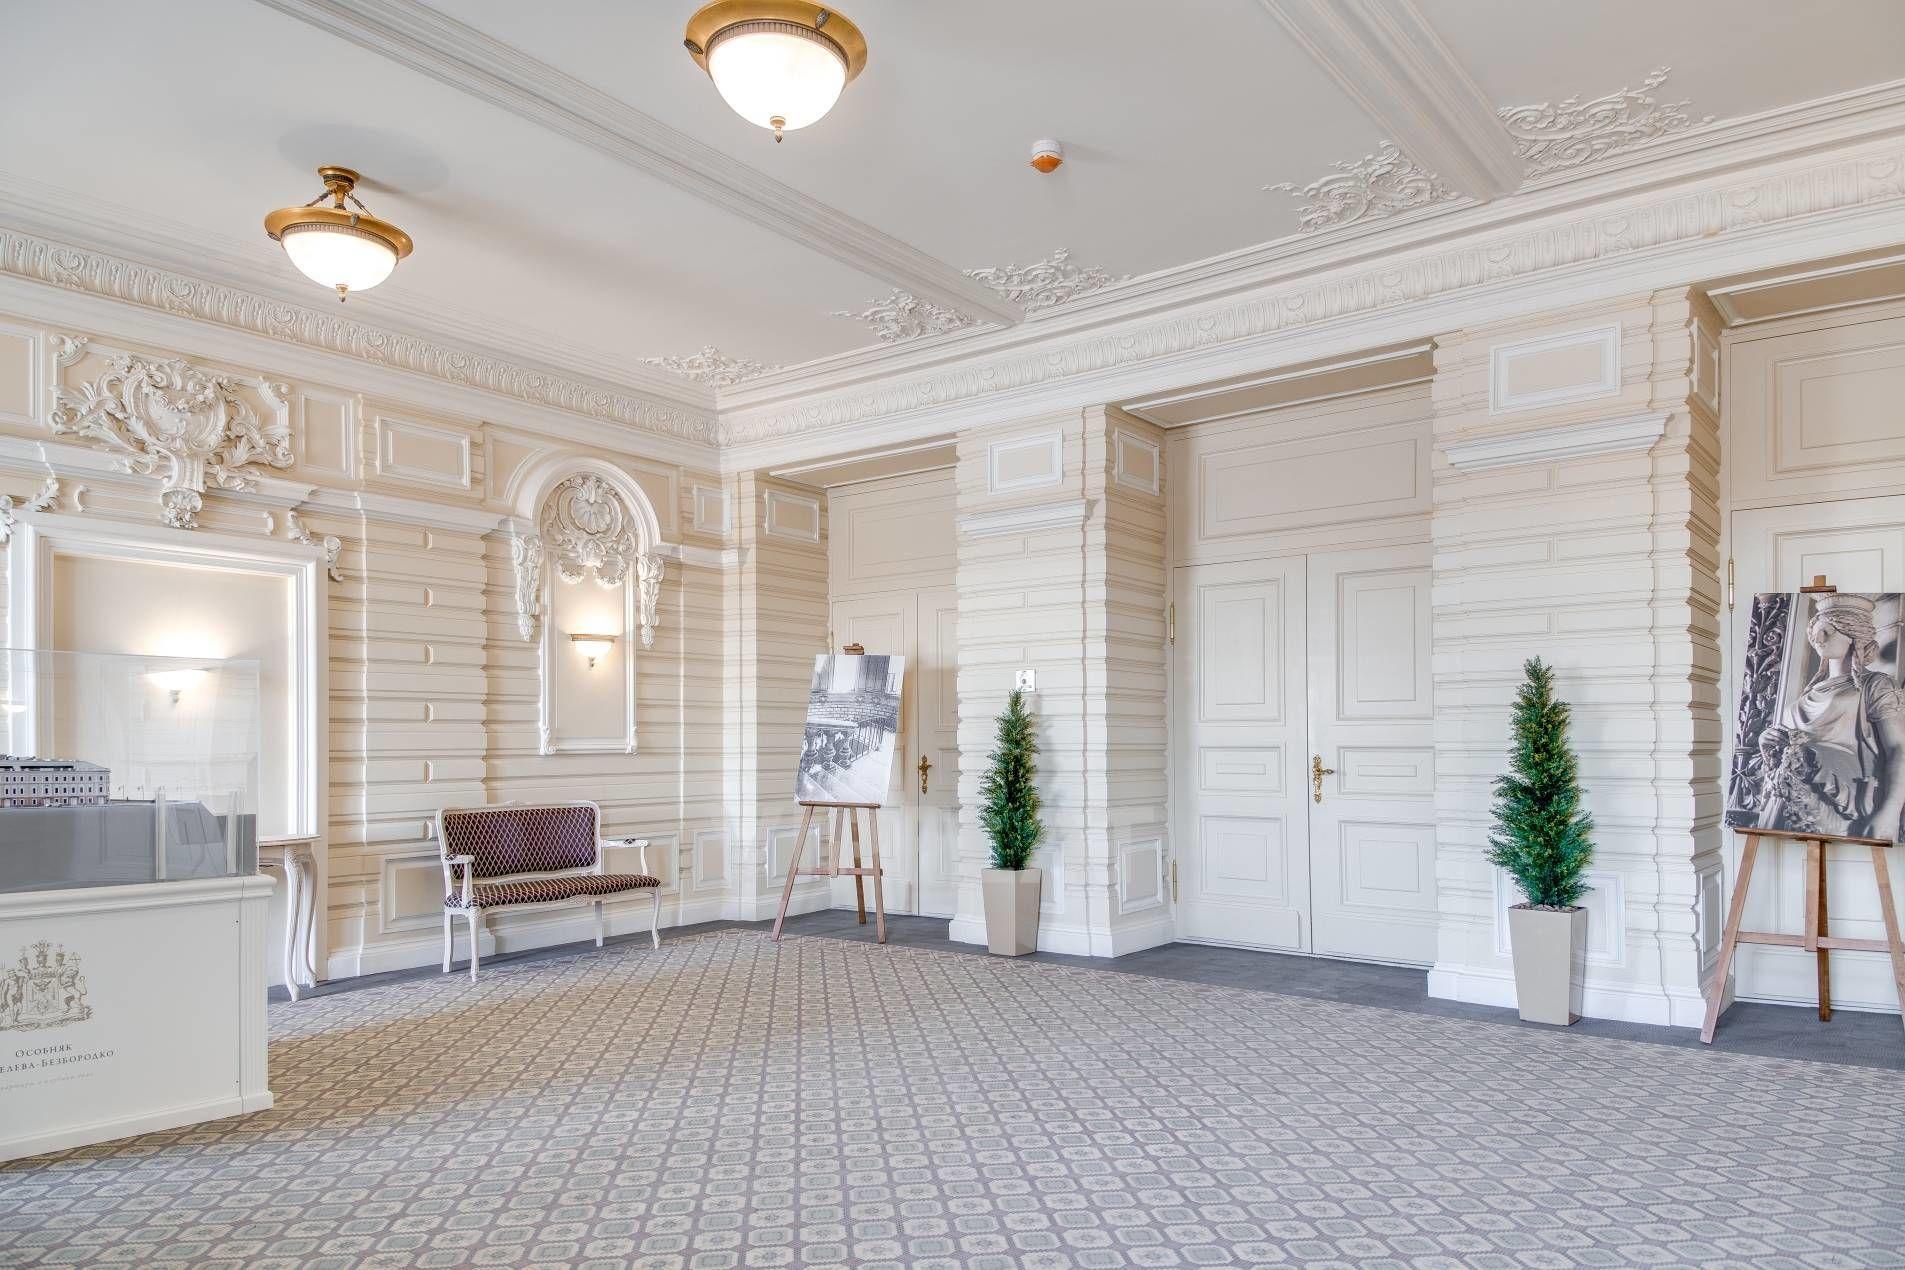 Продажа элитных квартир Санкт-Петербурга. Кутузова наб., 24 Парадный холл